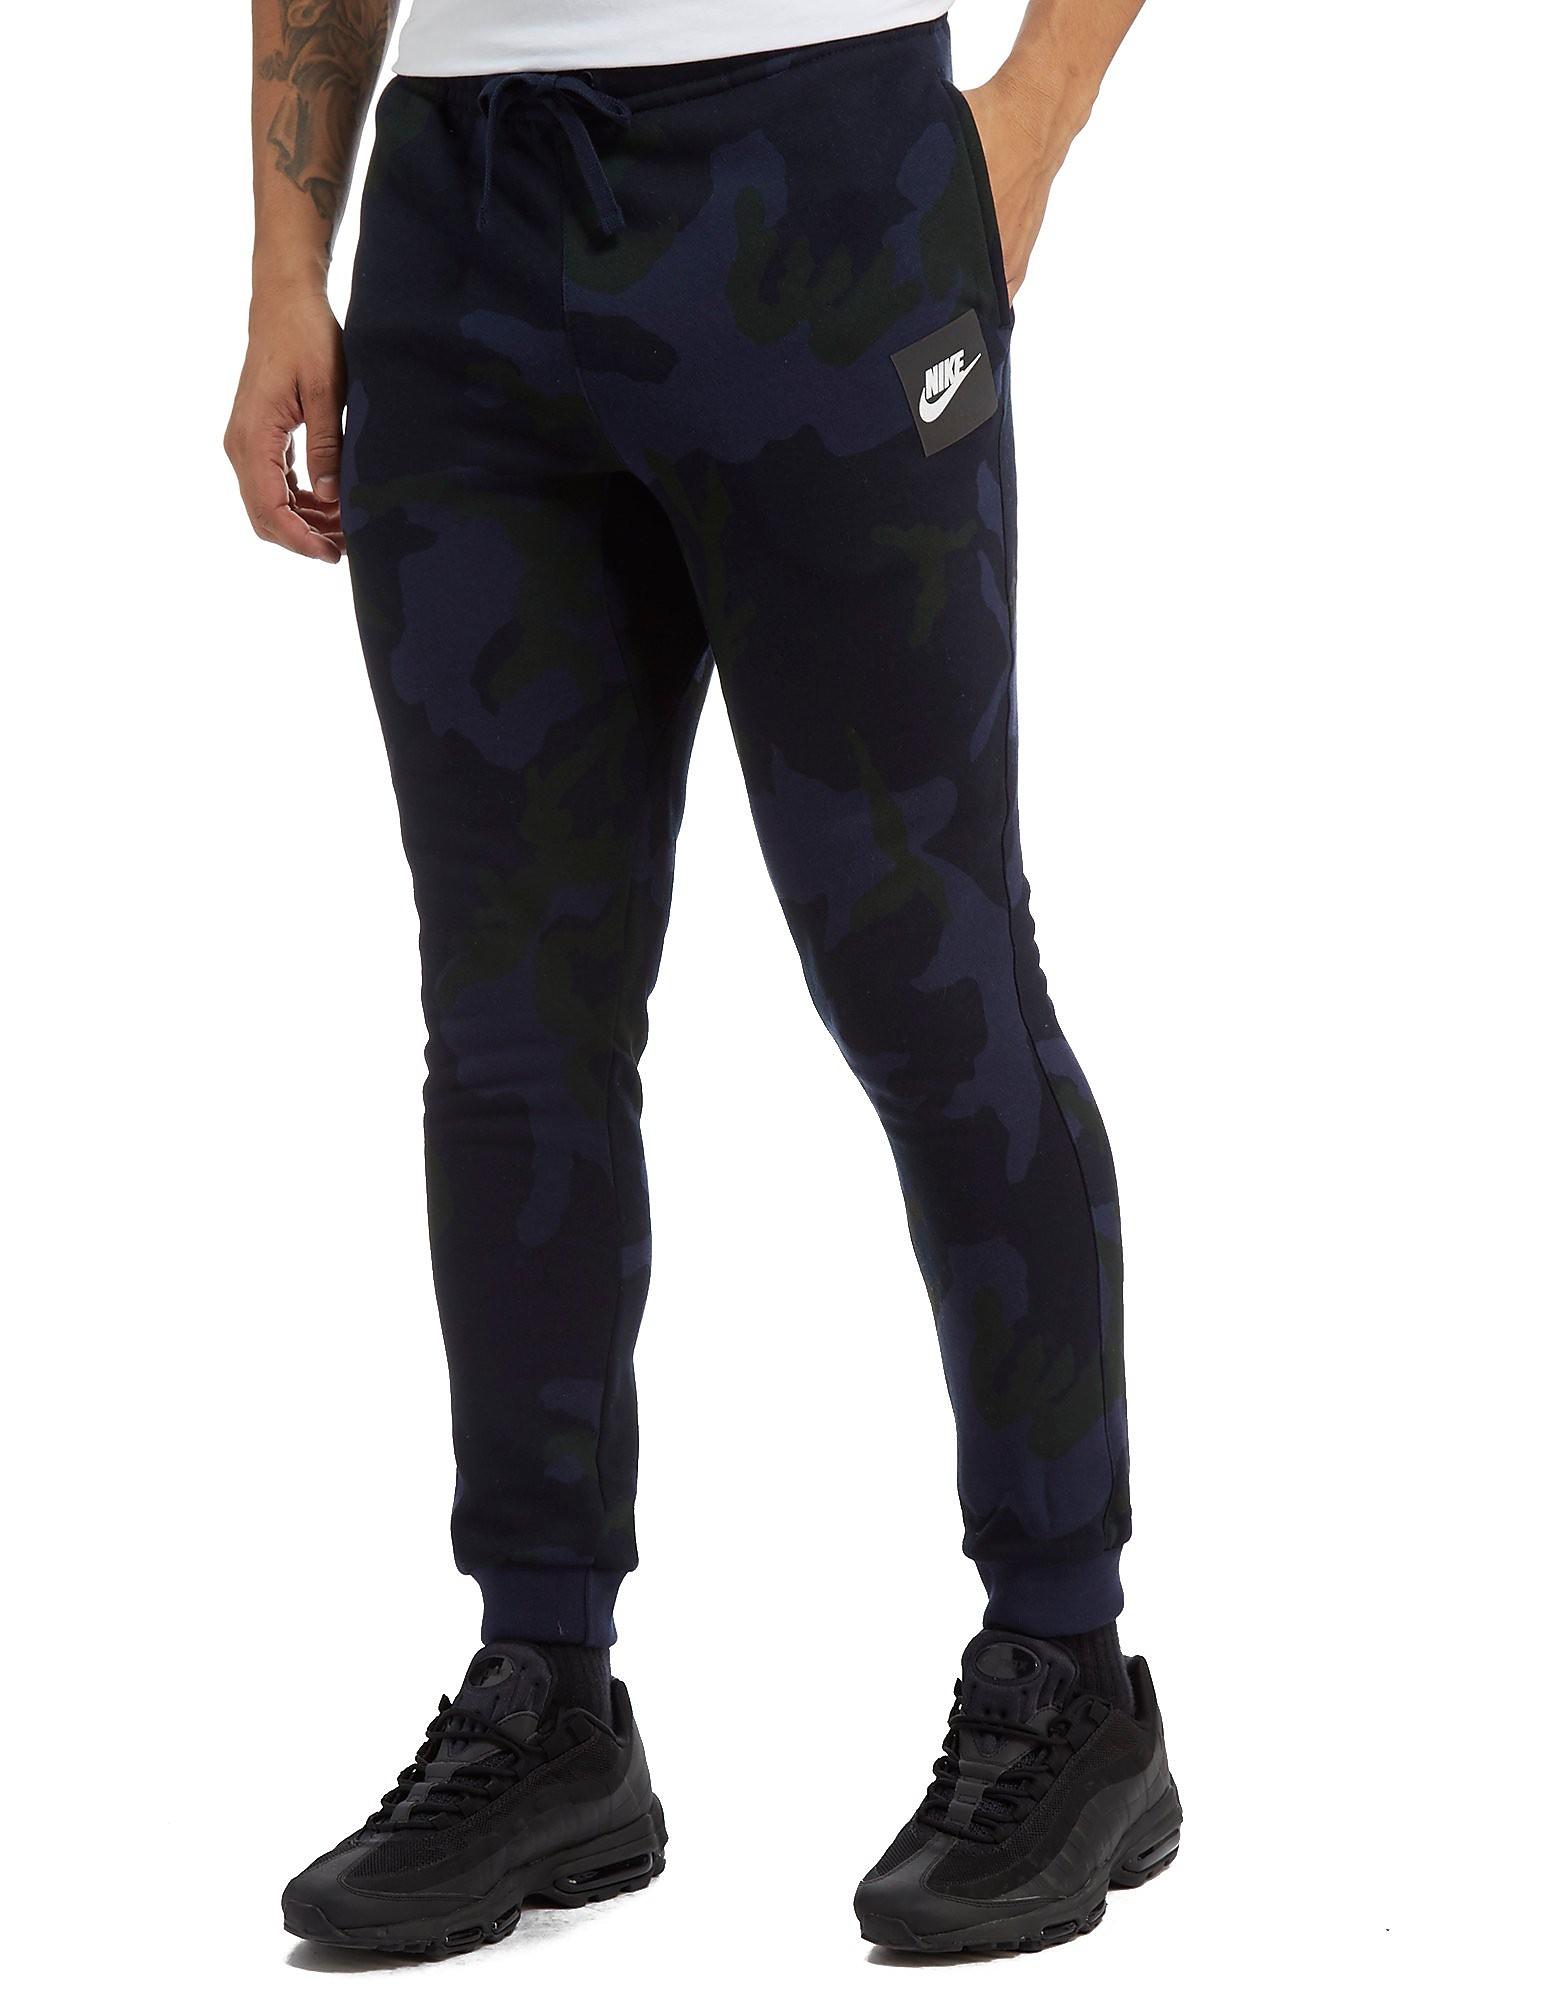 Nike Camo Fleece Pants